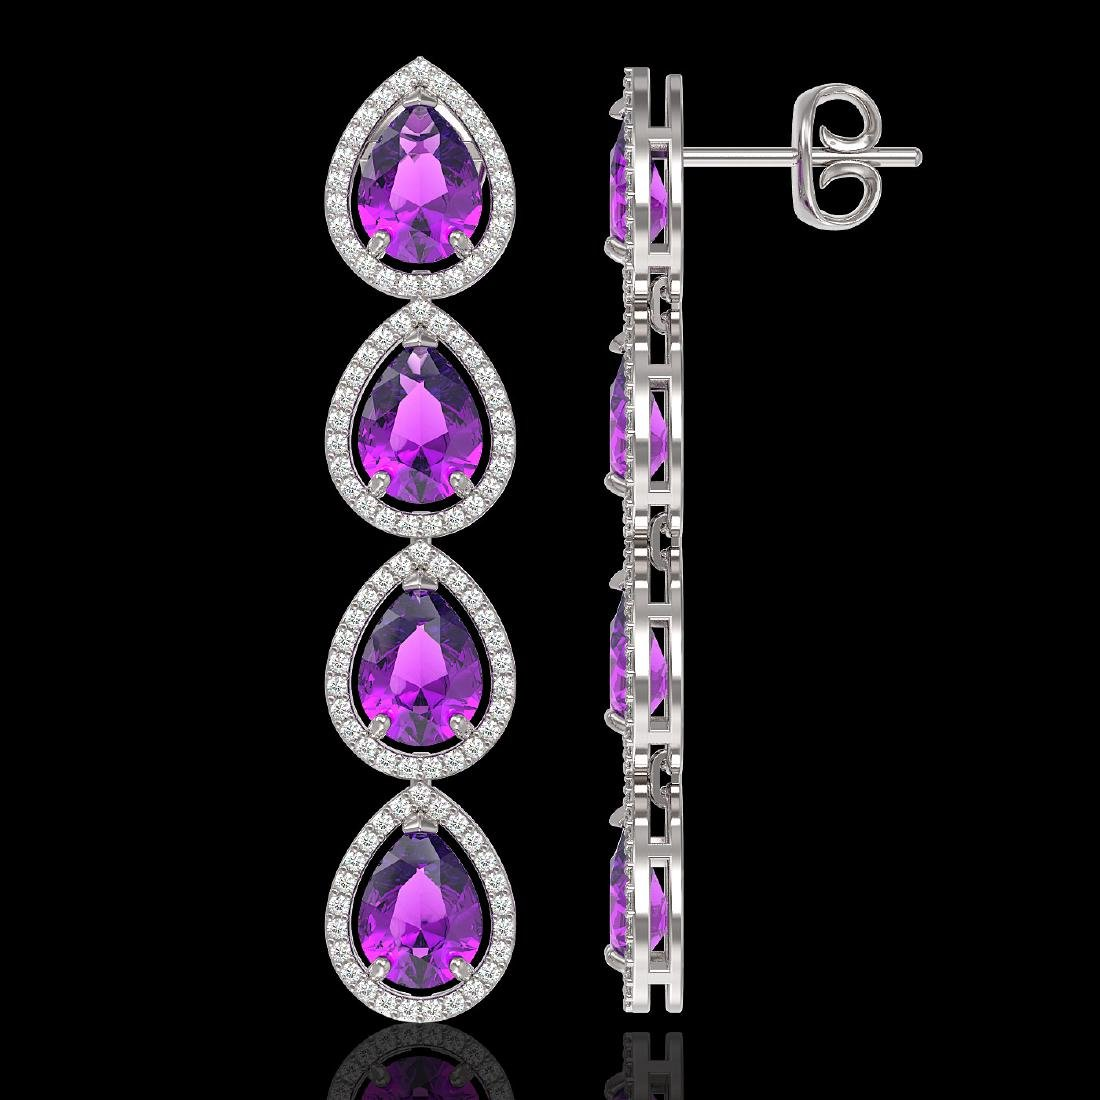 10.85 CTW Amethyst & Diamond Halo Earrings 10K White - 2